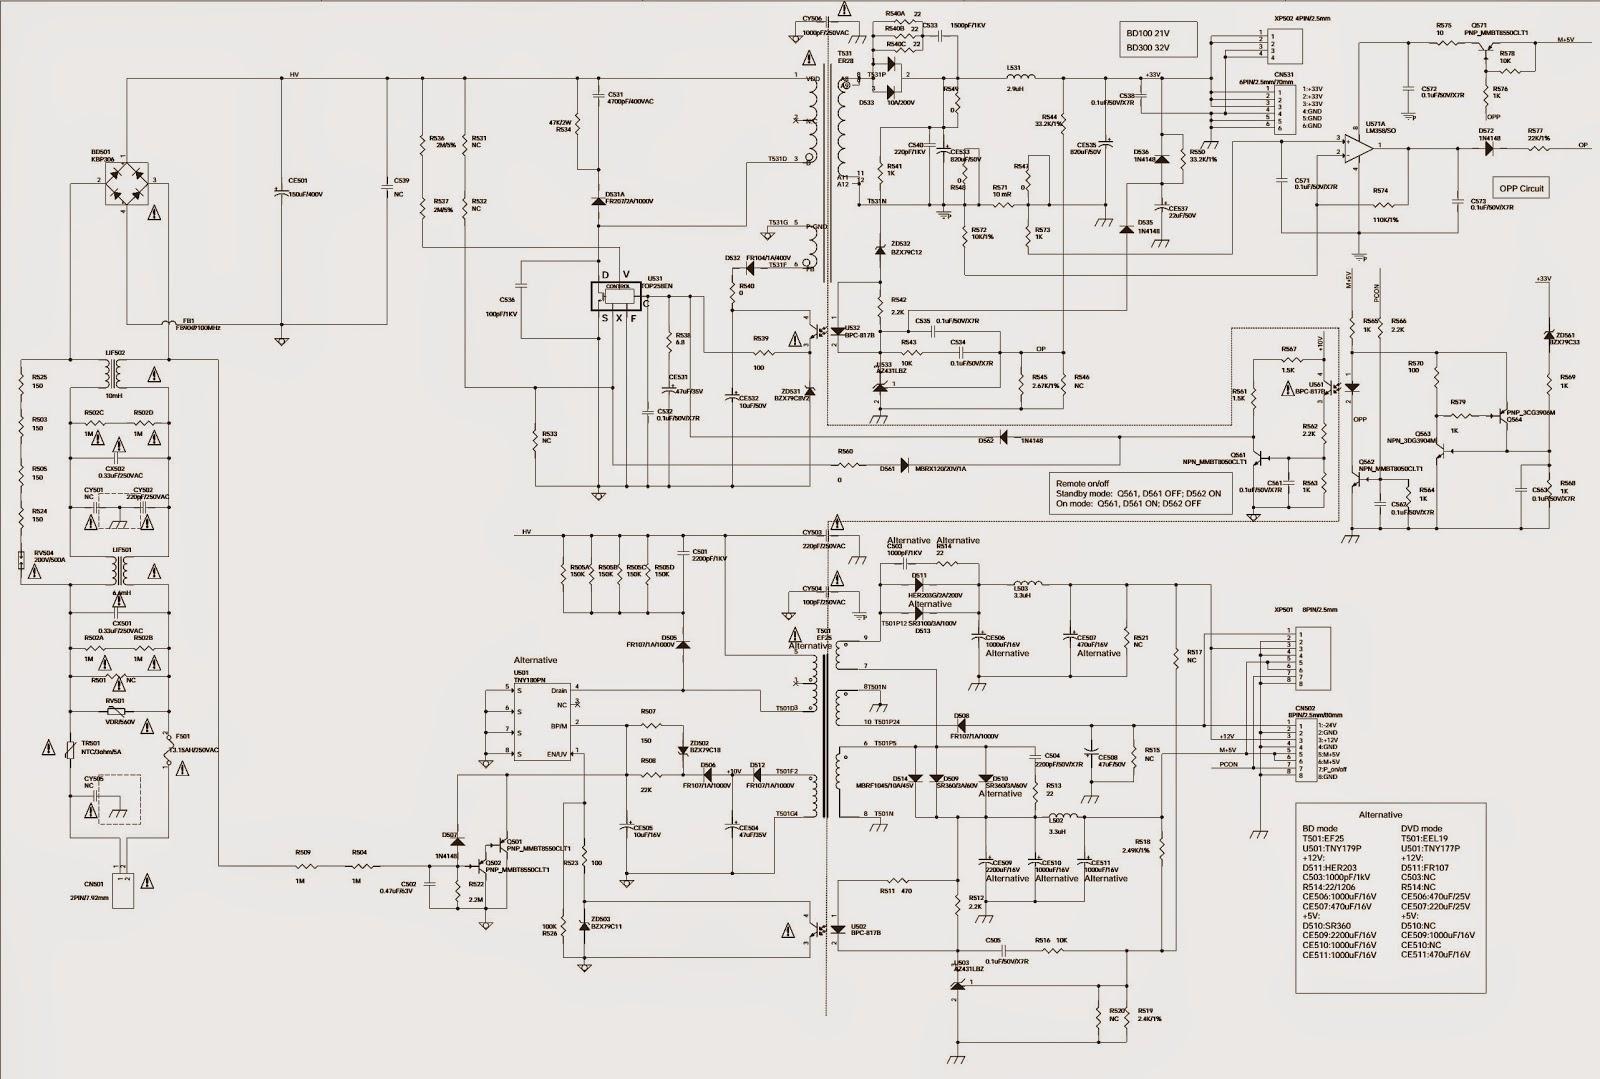 raypak boiler wiring diagram bc 3263  raypak wiring diagram  bc 3263  raypak wiring diagram